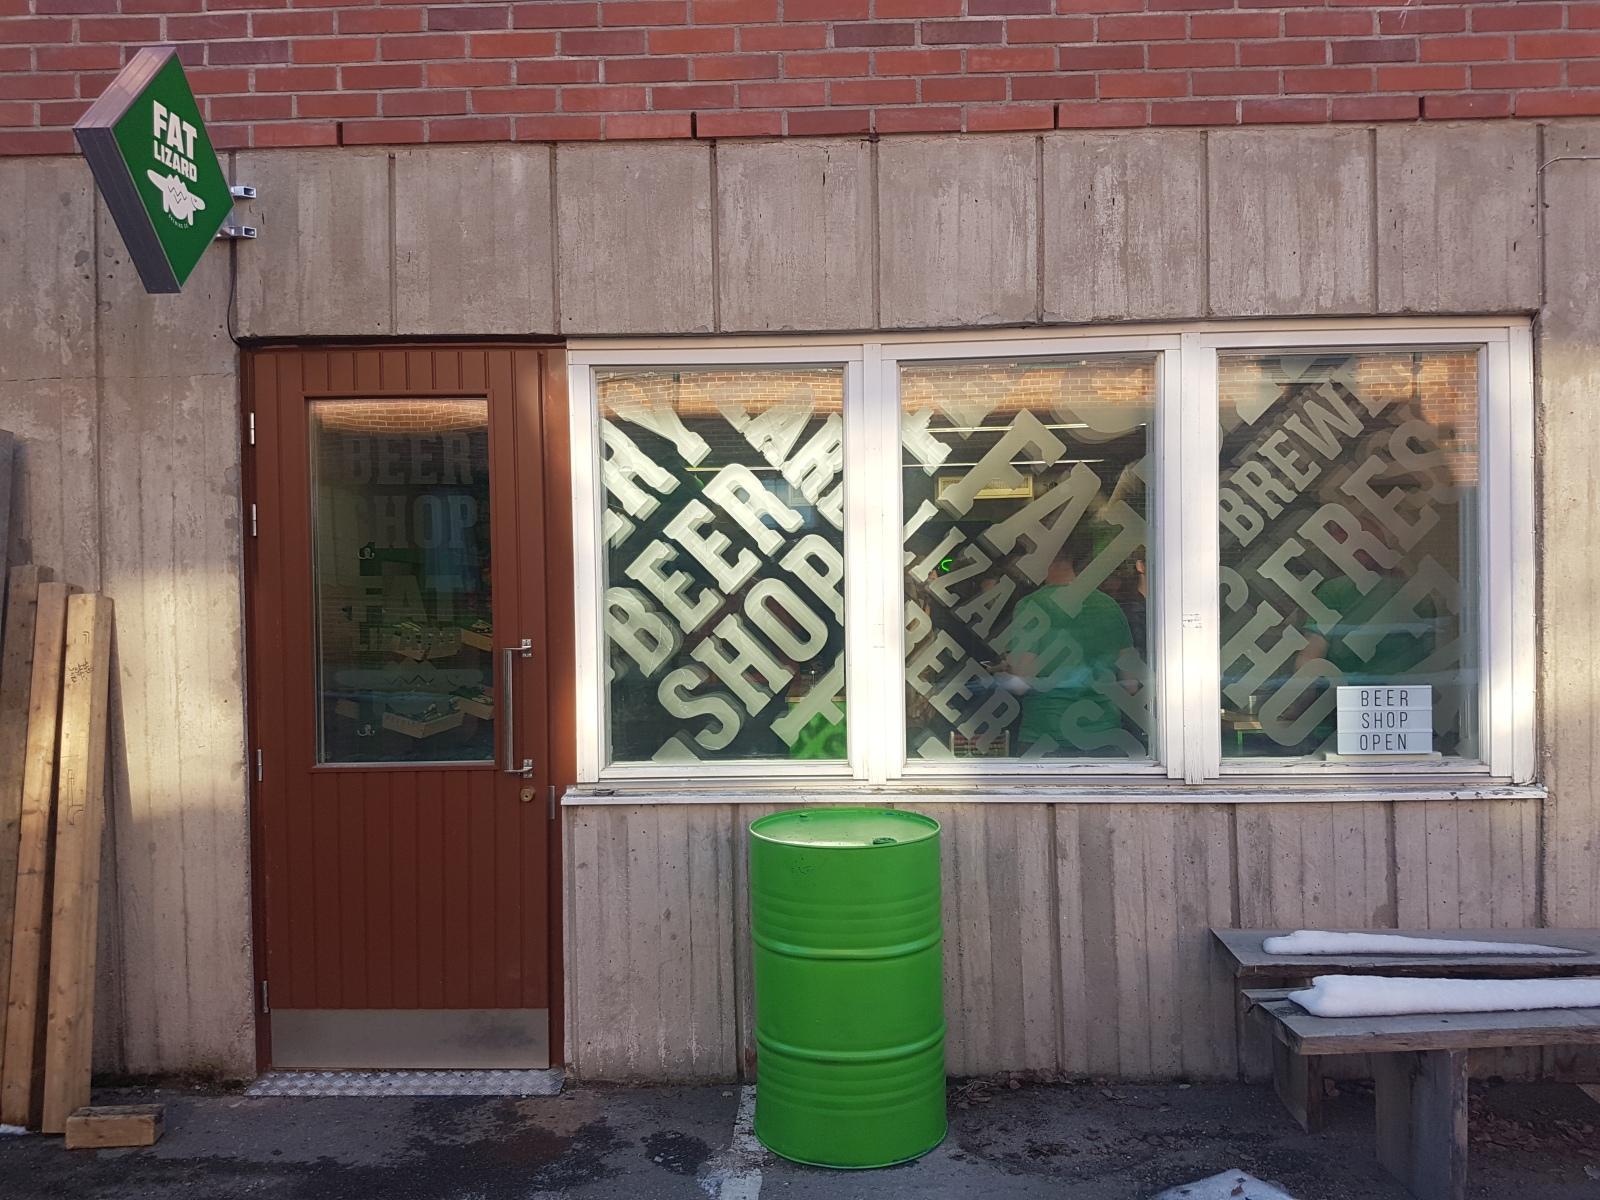 Fat Lizard Beer Shop